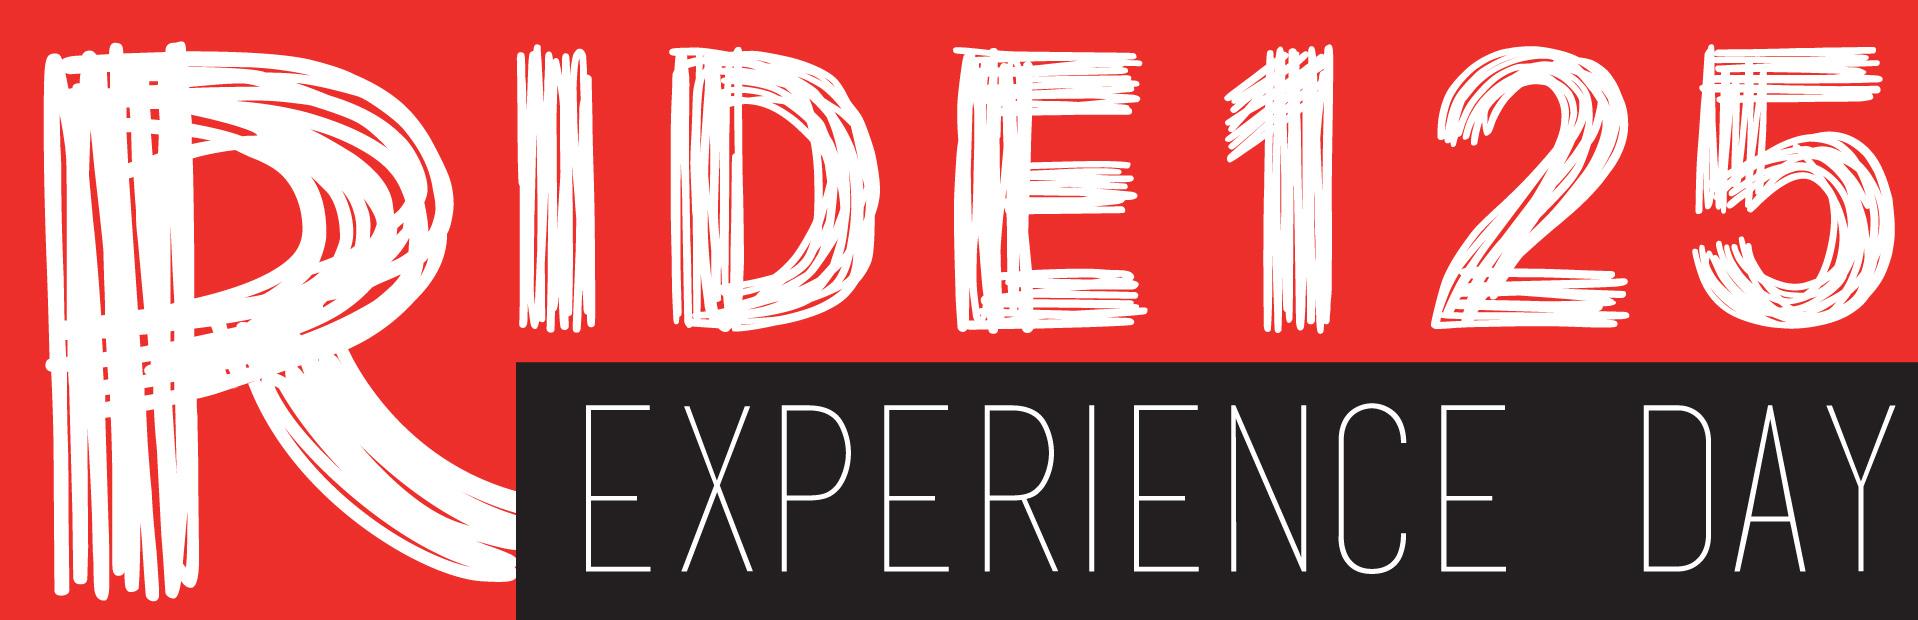 La sicurezza Bosch al RIDE 125 eXperience Day